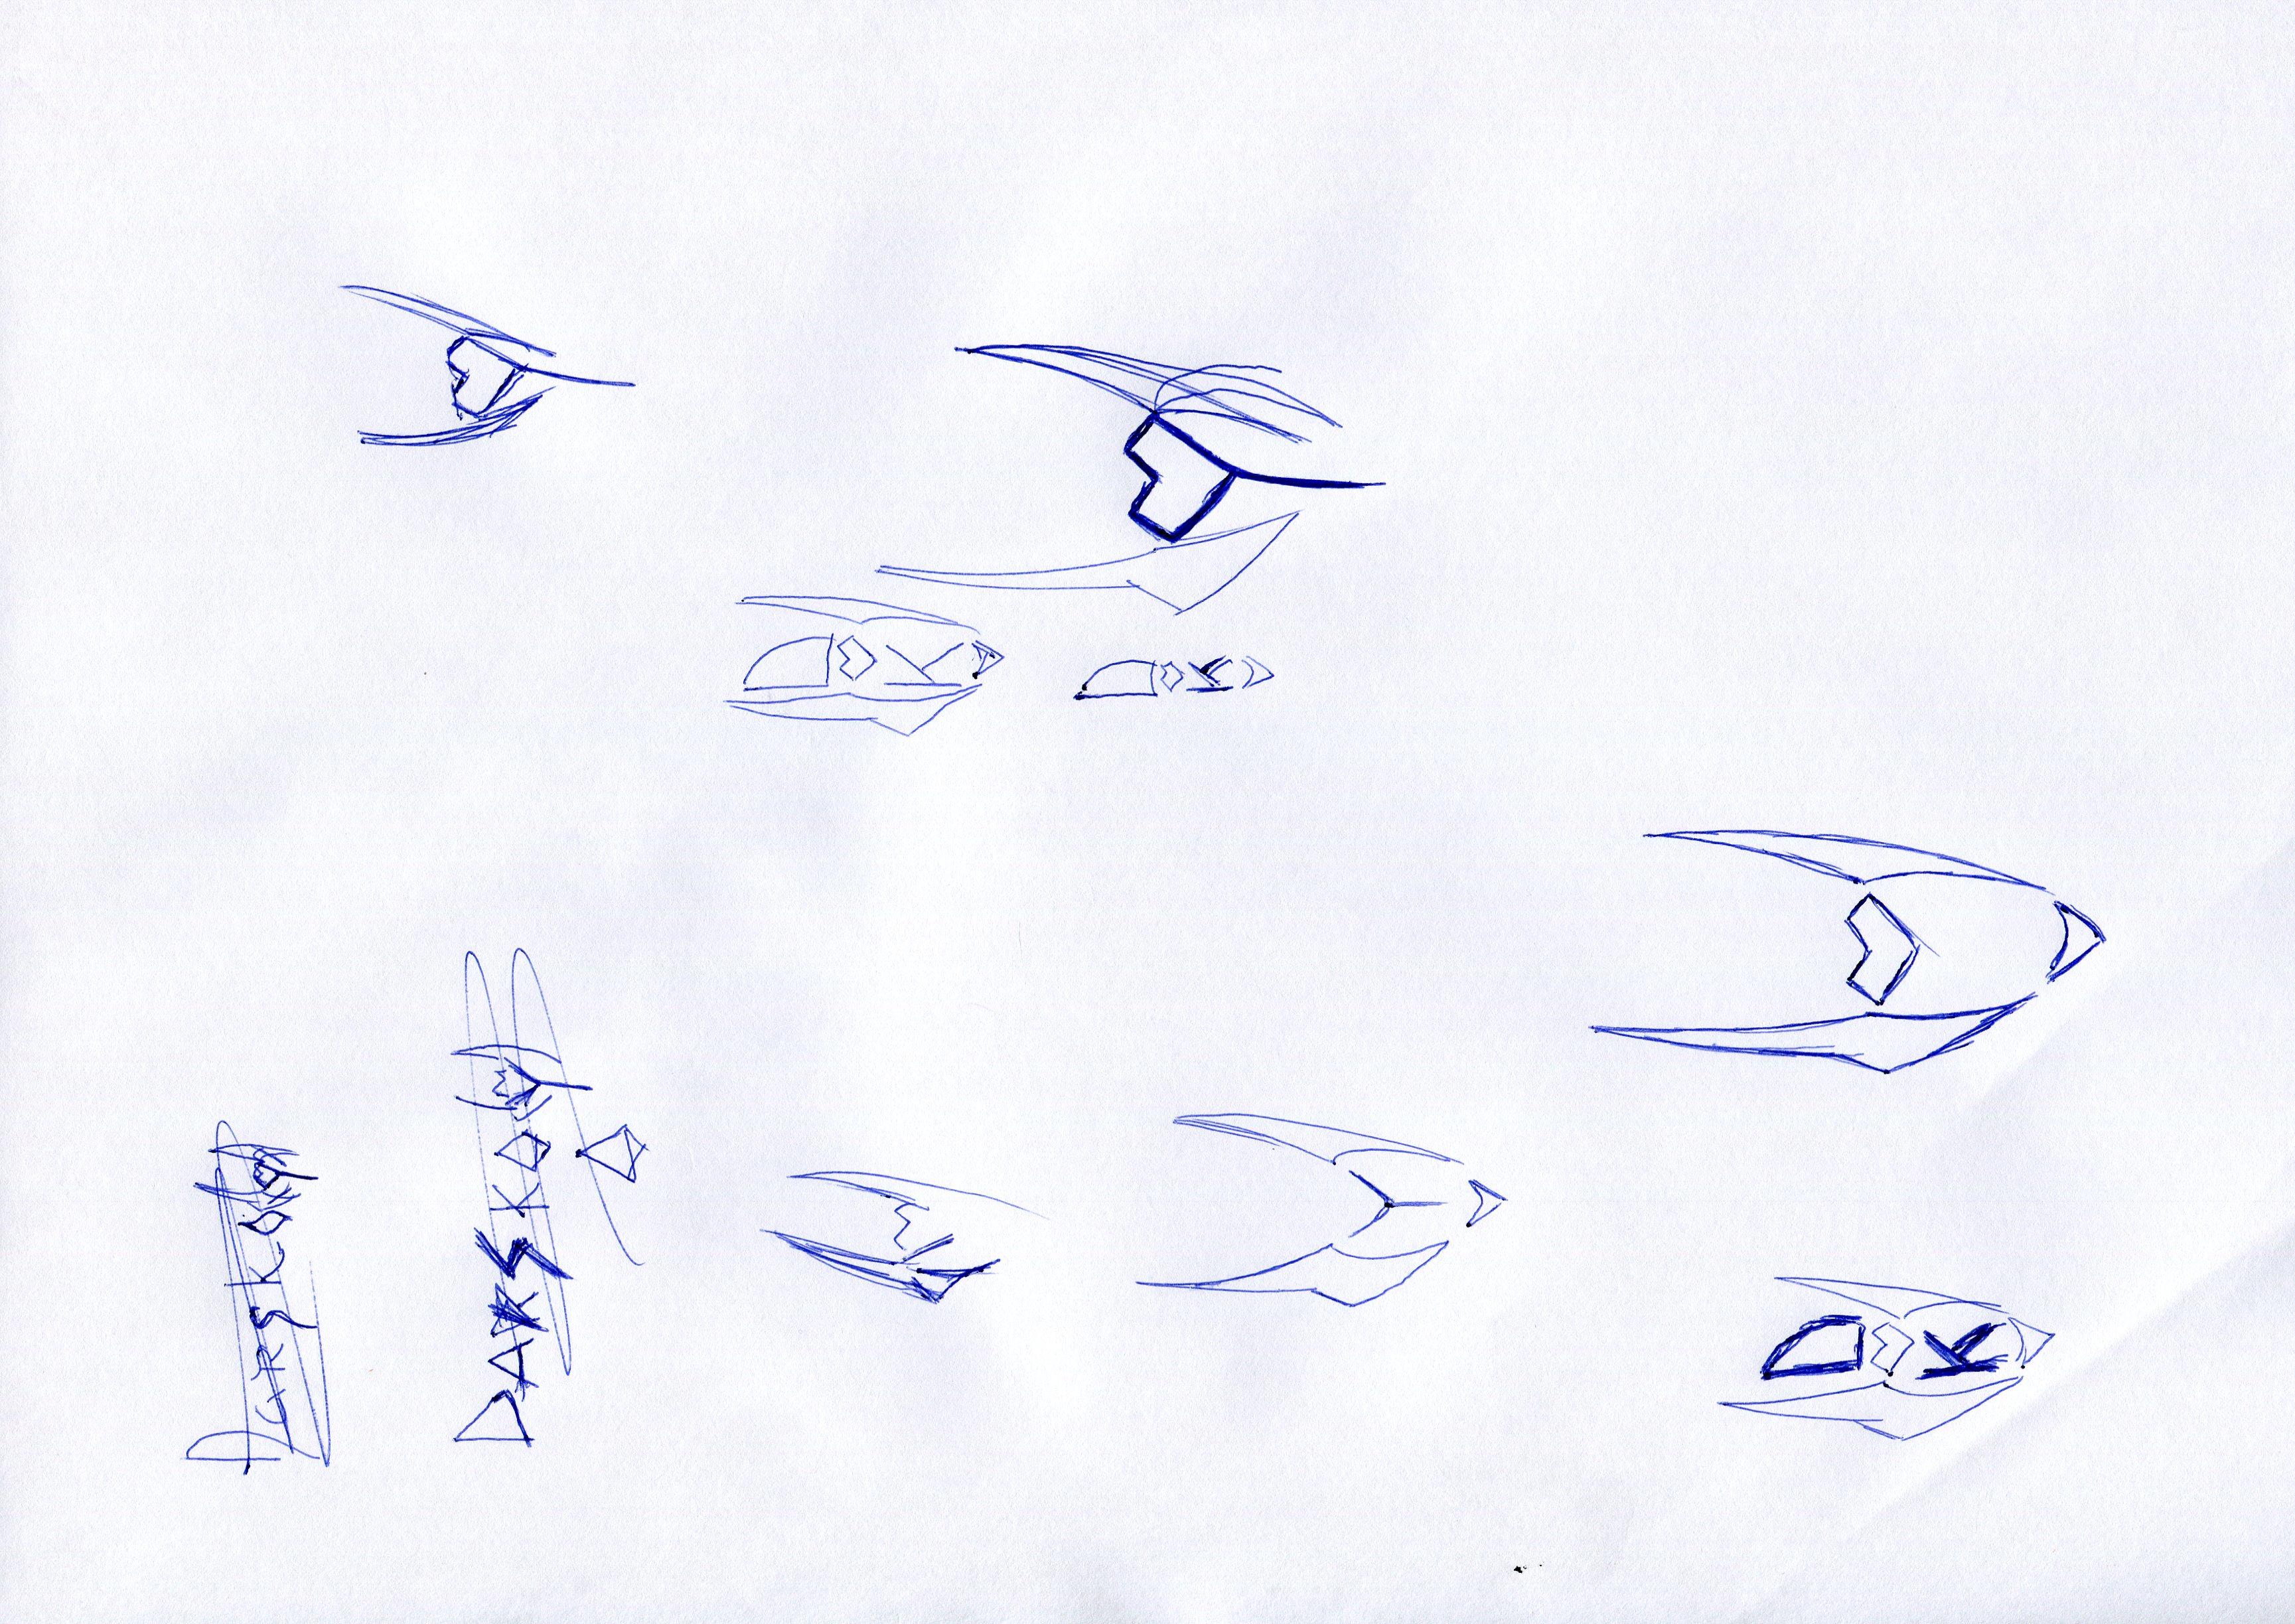 Нарисовать логотип для сольного музыкального проекта фото f_2615ba921145b58d.jpg